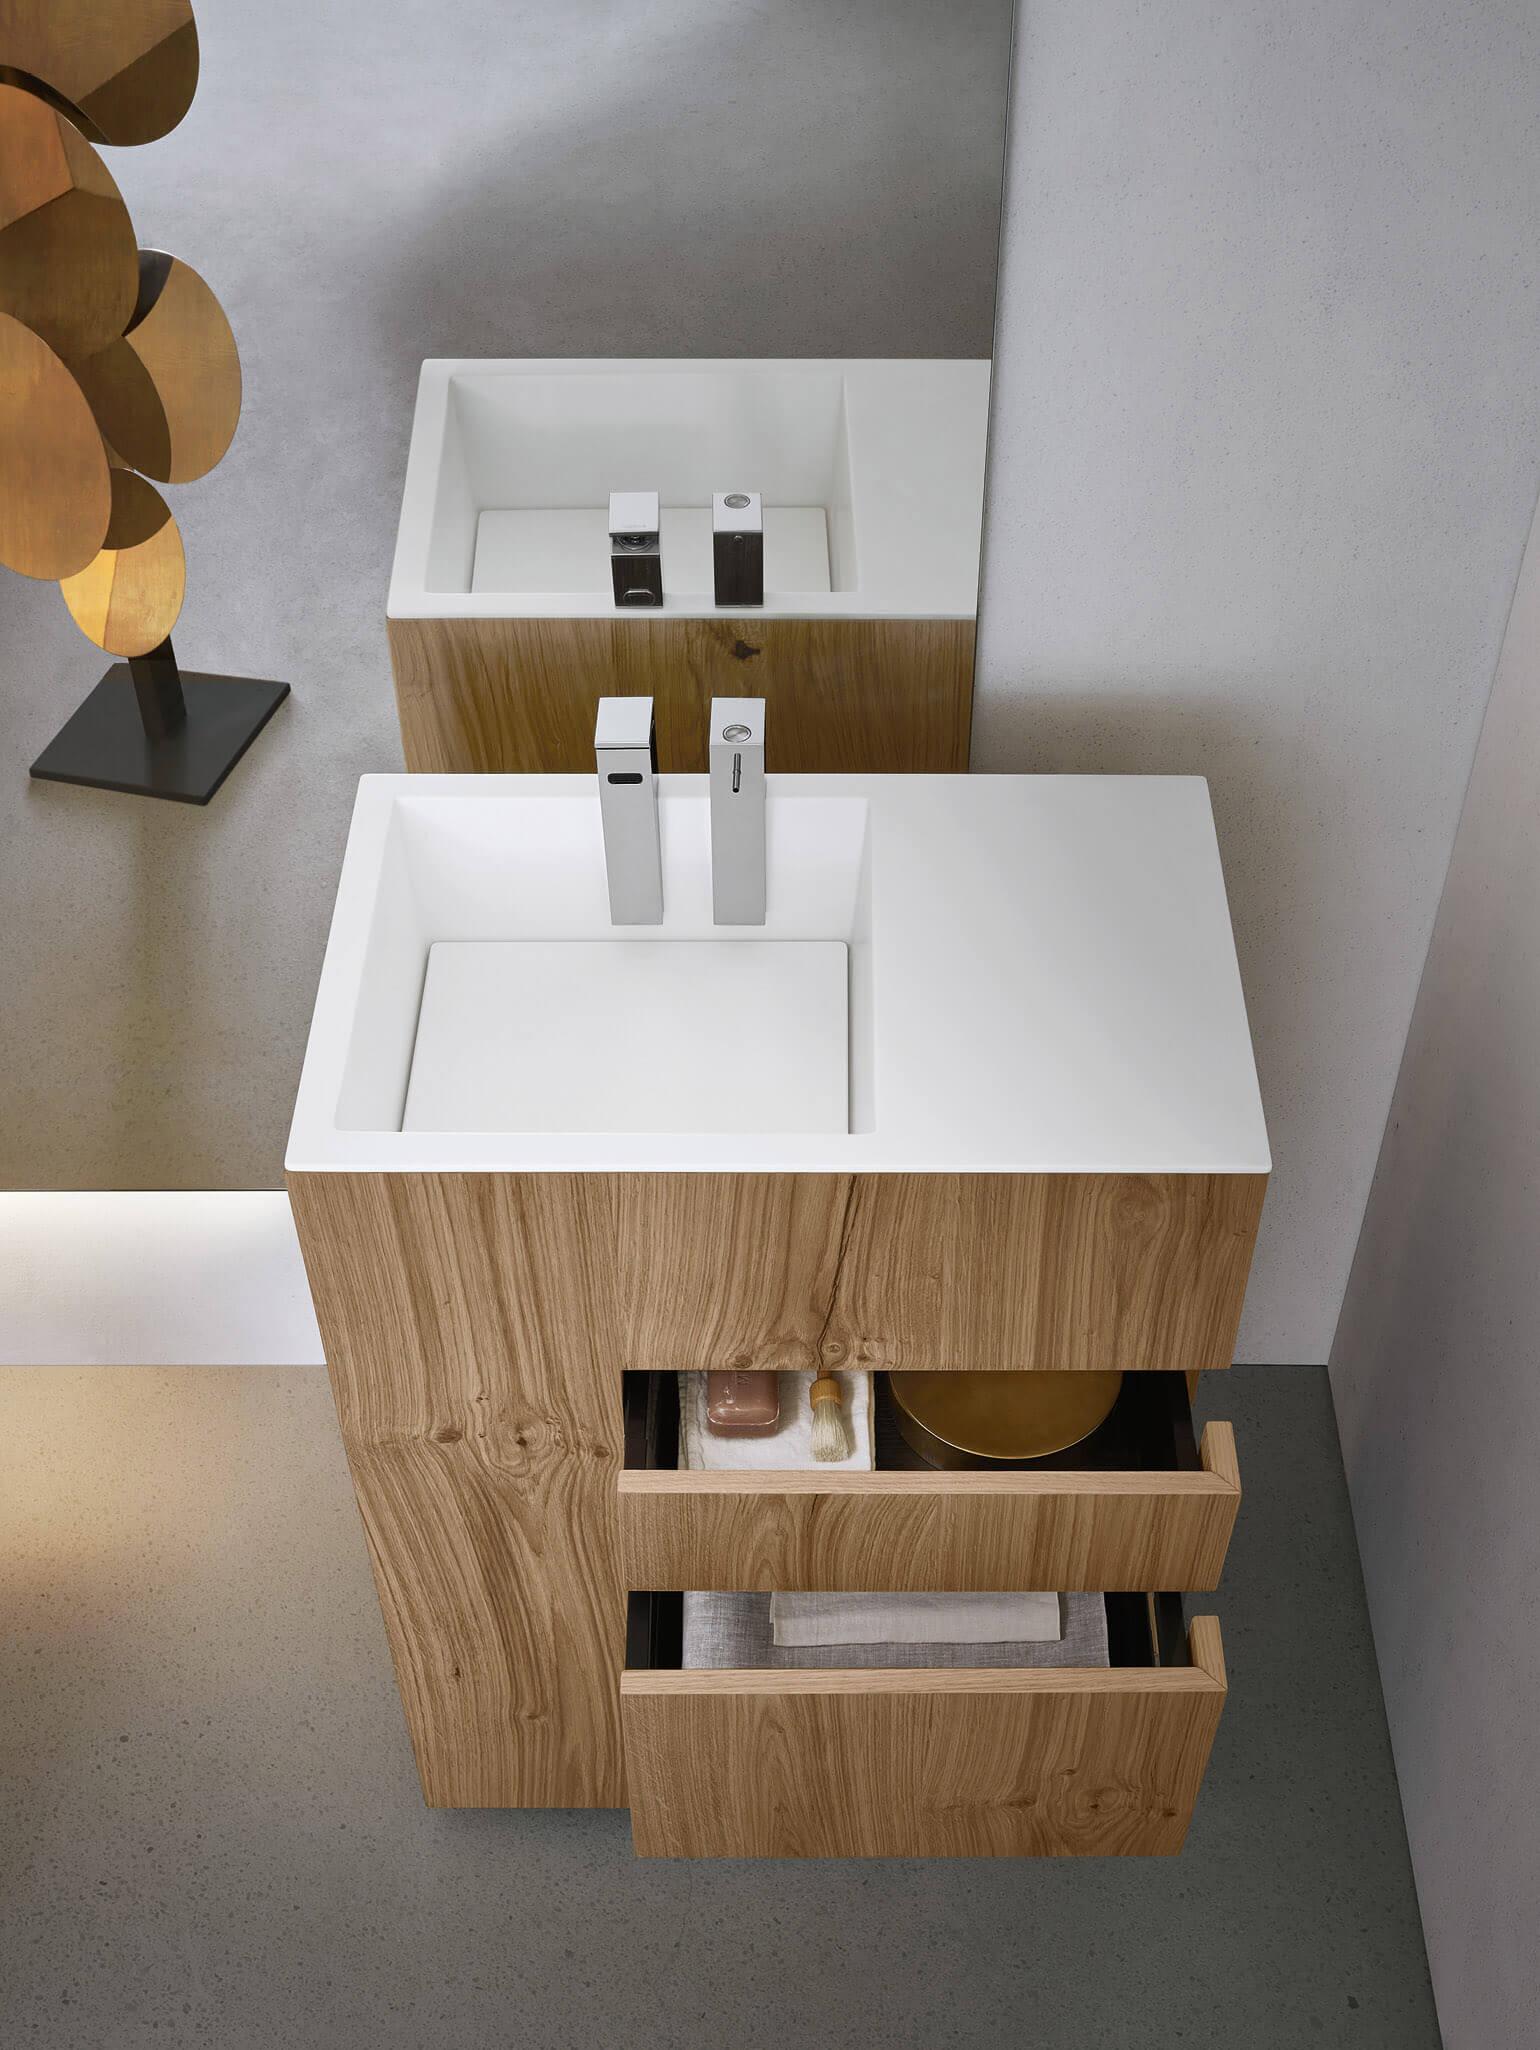 """Touch-Sammlung: die Geometrie von Volumina und die Eleganz der Materialien. Ein massiver Holzmonolith, kompakt im Volumen, funktional und einzigartig. Das ist Touch, die Waschtisch-Einheit von Noorth. Ein ausdrucksstarkes Element, bei dem eine strenge Geometrie seine Solidität und zeitgemäße Eleganz betont. Auf dem Bild die Eichenversion, mit dünnen Einschnitten, die die Form der Schubladen hochhalten und einen Umkreis in der einzigartigen """"Rinde"""" nachzeichnen."""